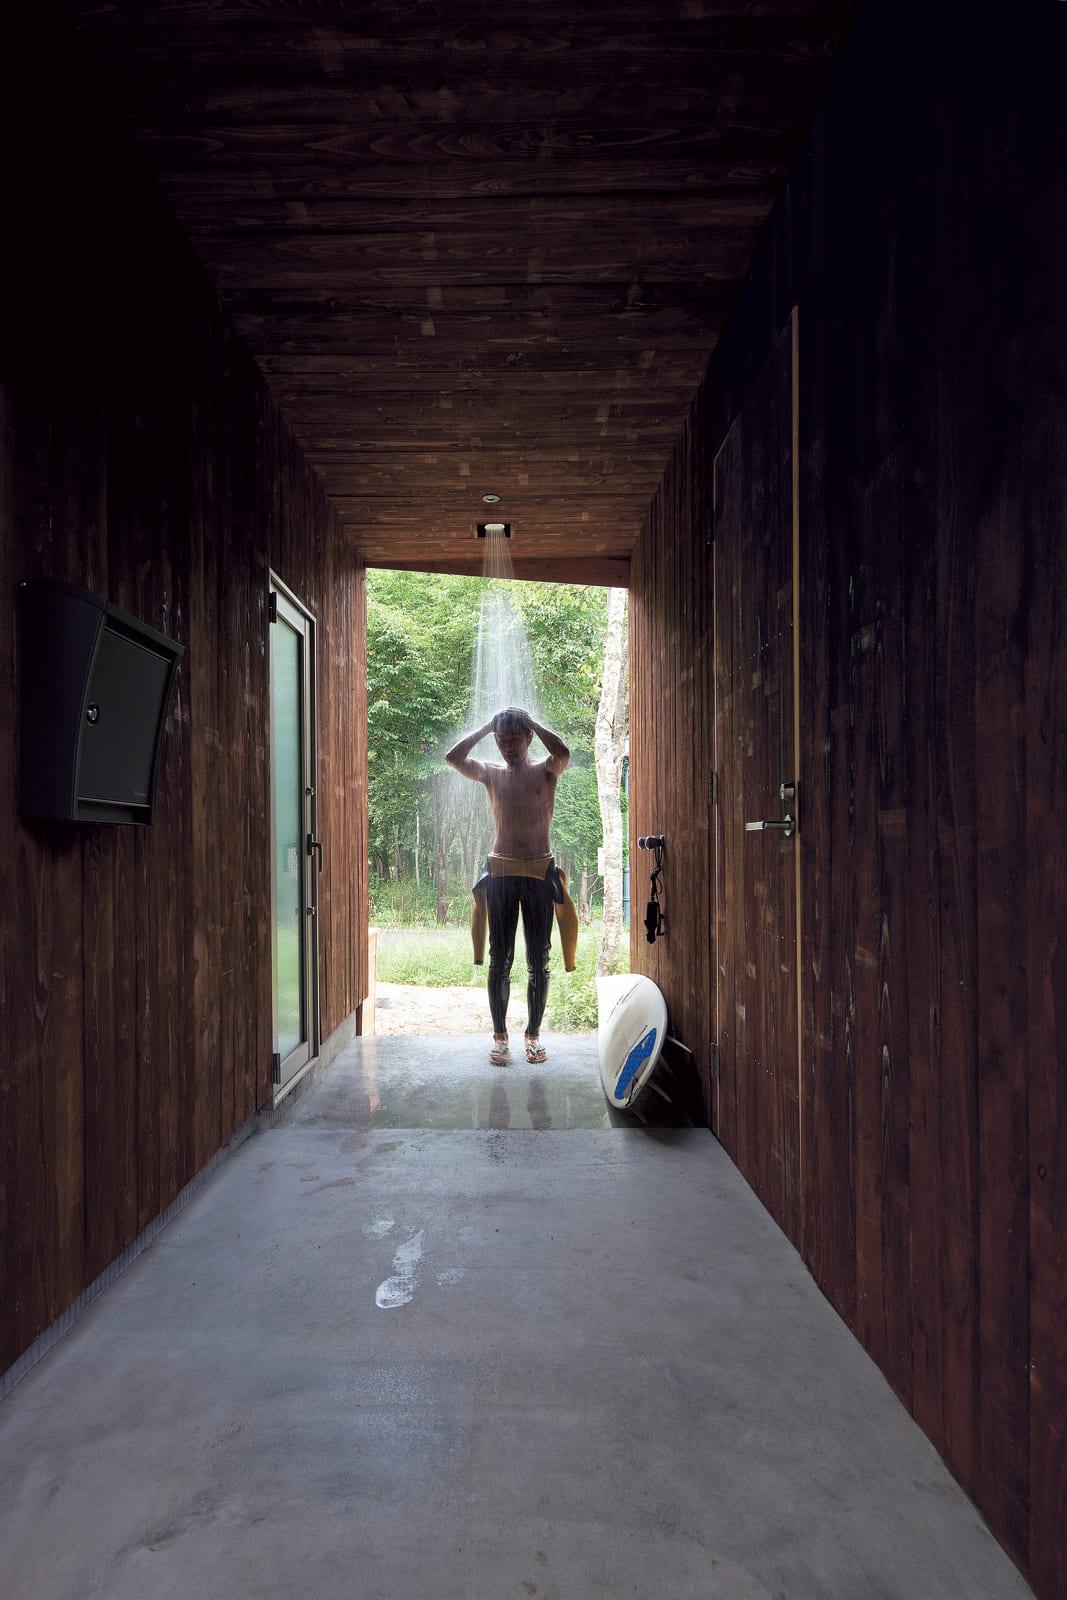 温水シャワーができる玄関ポーチ。左側に見えるのが、バスルームにつながる出入り口